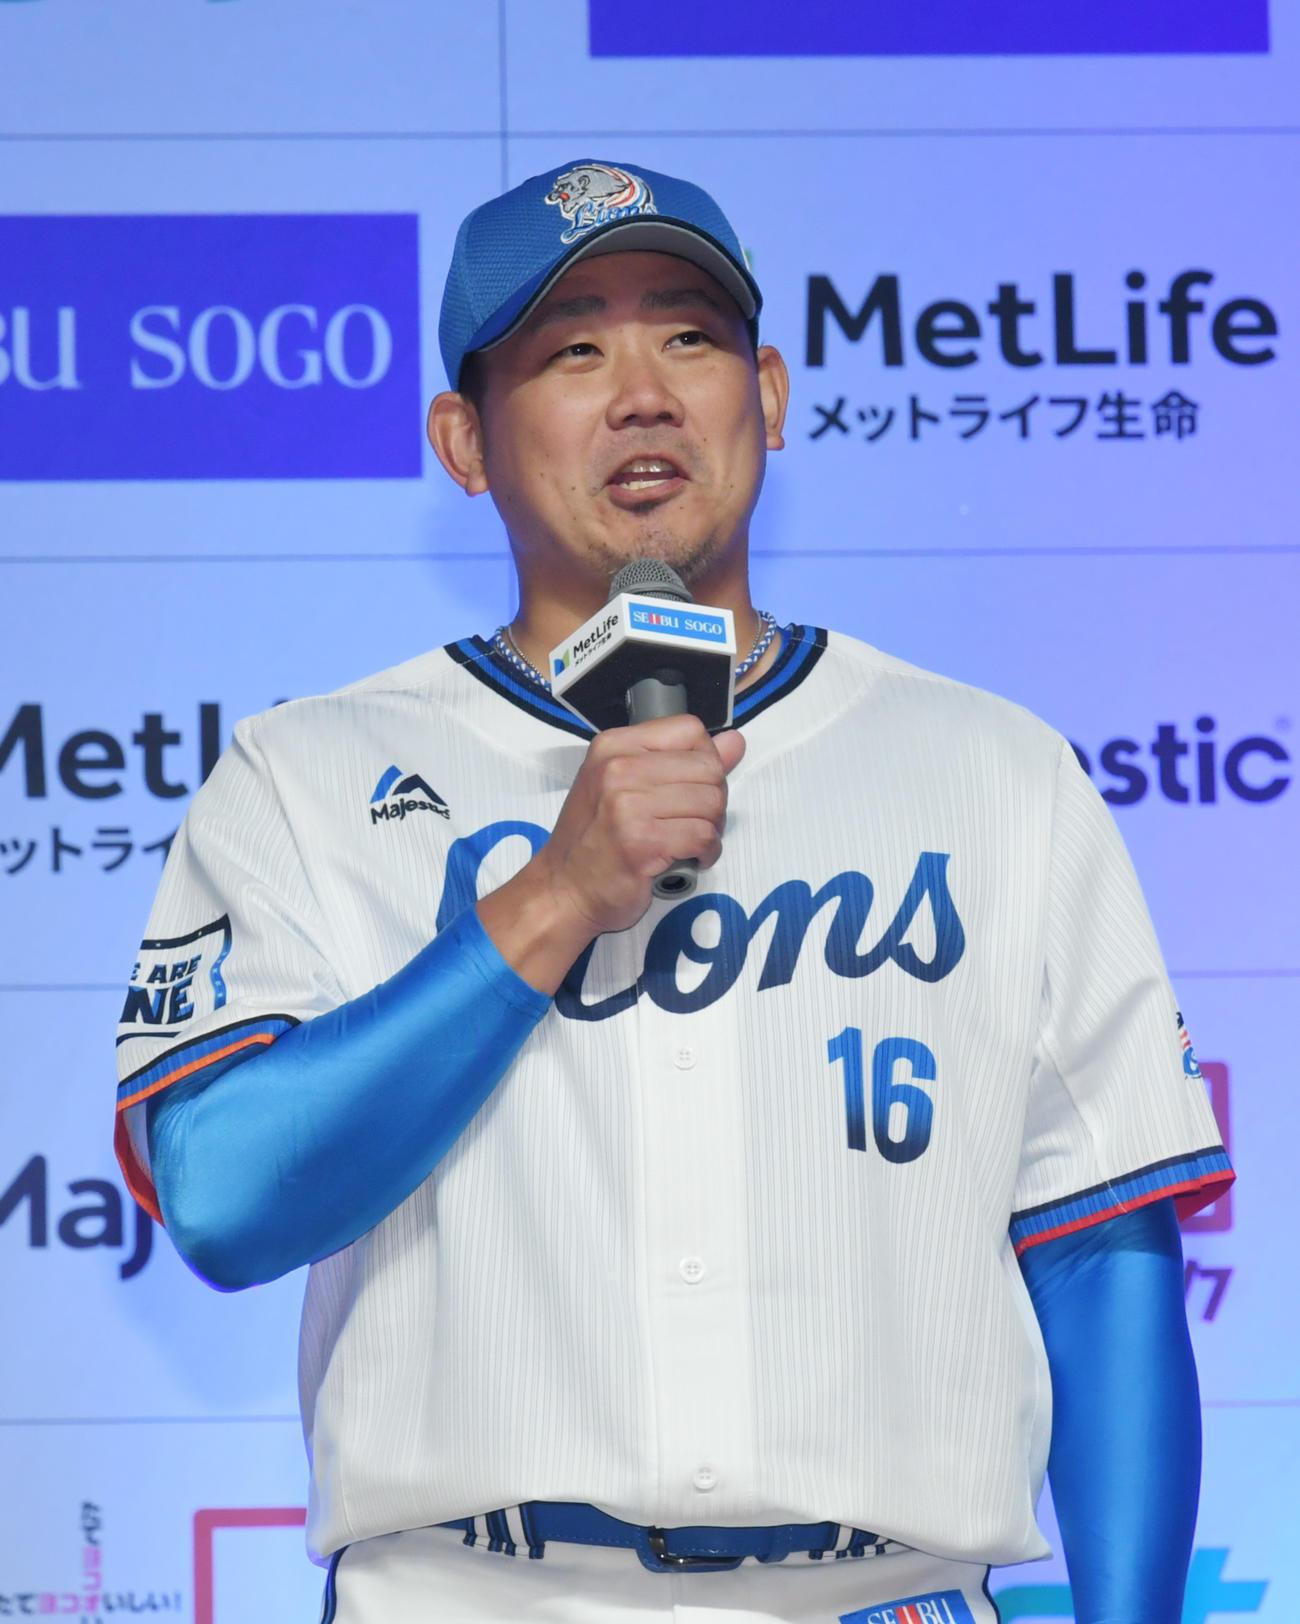 大勢のファンの前で、「帰ってまいりました」とあいさつする松坂大輔(撮影・酒井清司)